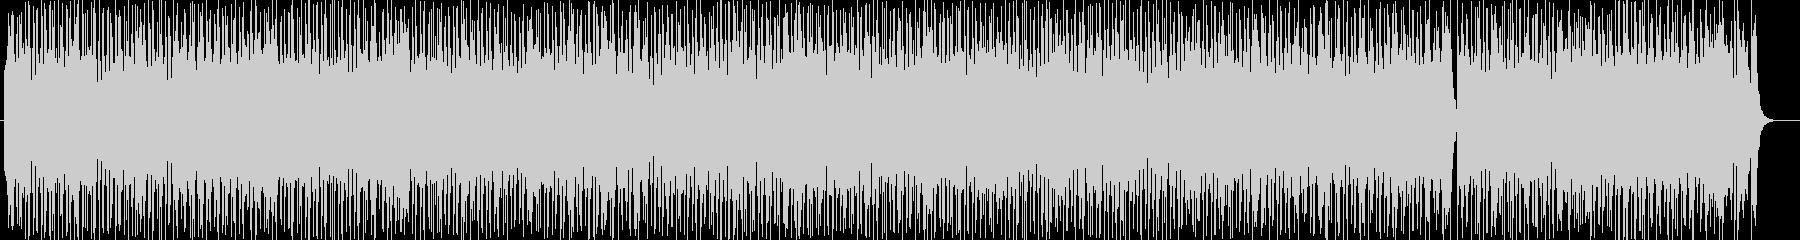 跳ねたリズムのシンセサウンドの未再生の波形